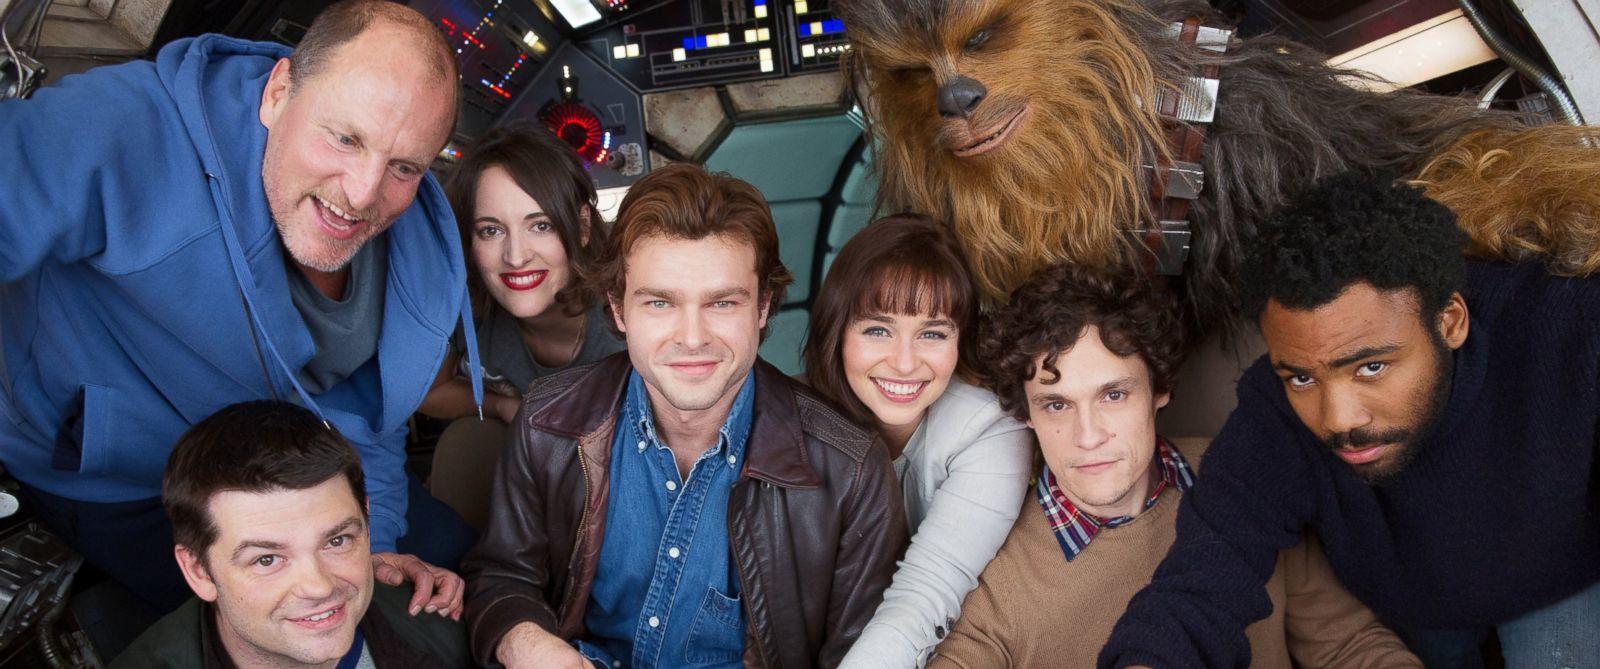 Star Wars: Han Solo – Neues Bild weist auf bekannte Schurken hin